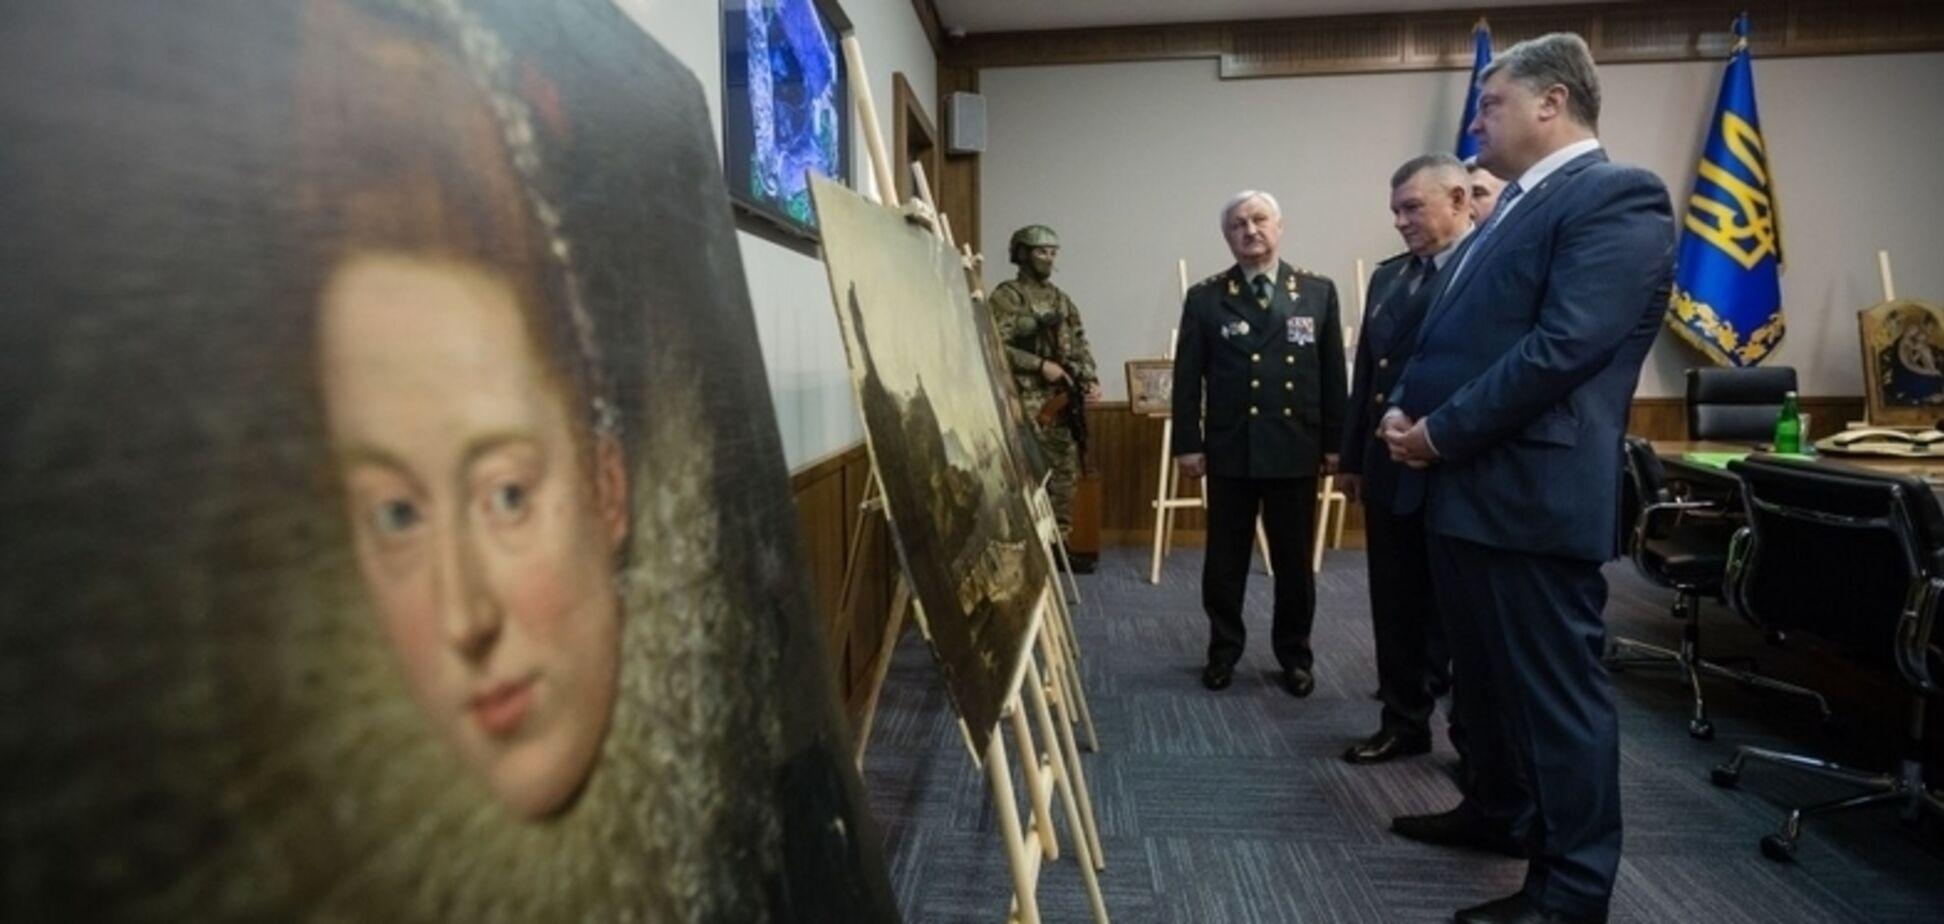 ''Спектакль Кремля, марионетки Путина'': названа причина лишения Порошенко звания в Италии